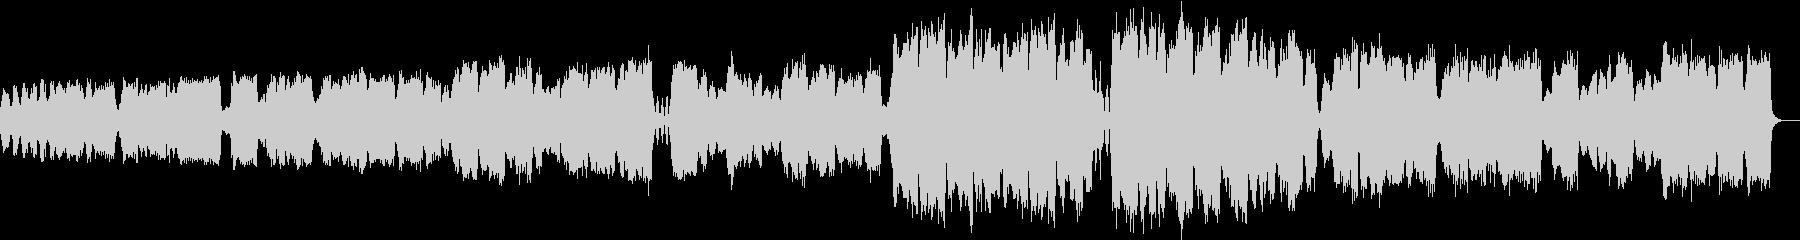 ゆっくりした弦楽四重奏の未再生の波形